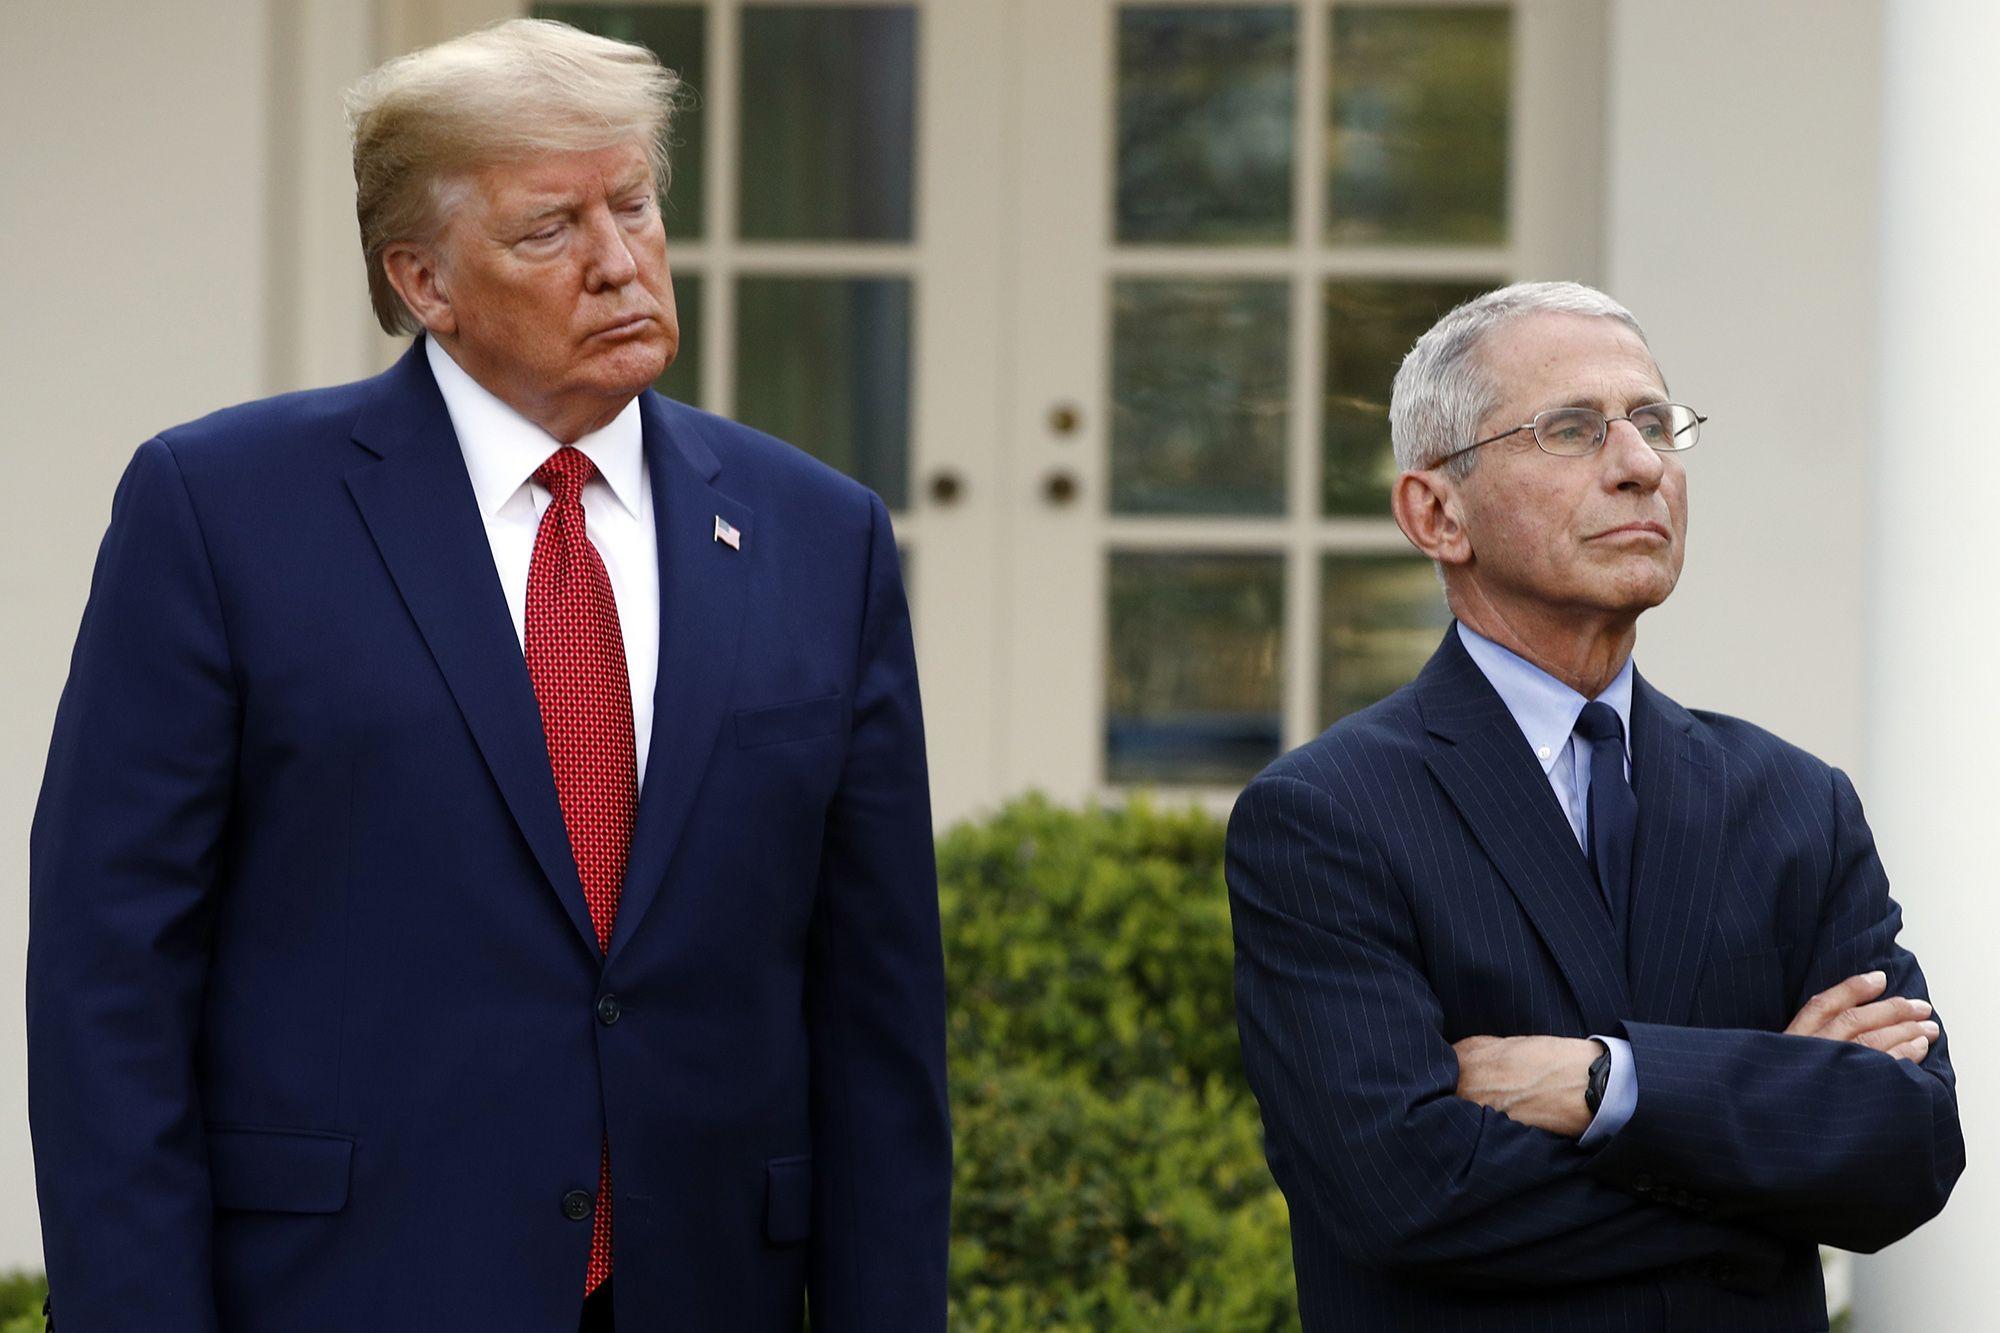 Tiến sĩ Fauci: Ông Trump không họp tổ công tác chống COVID-19 nhiều tháng - Ảnh 1.